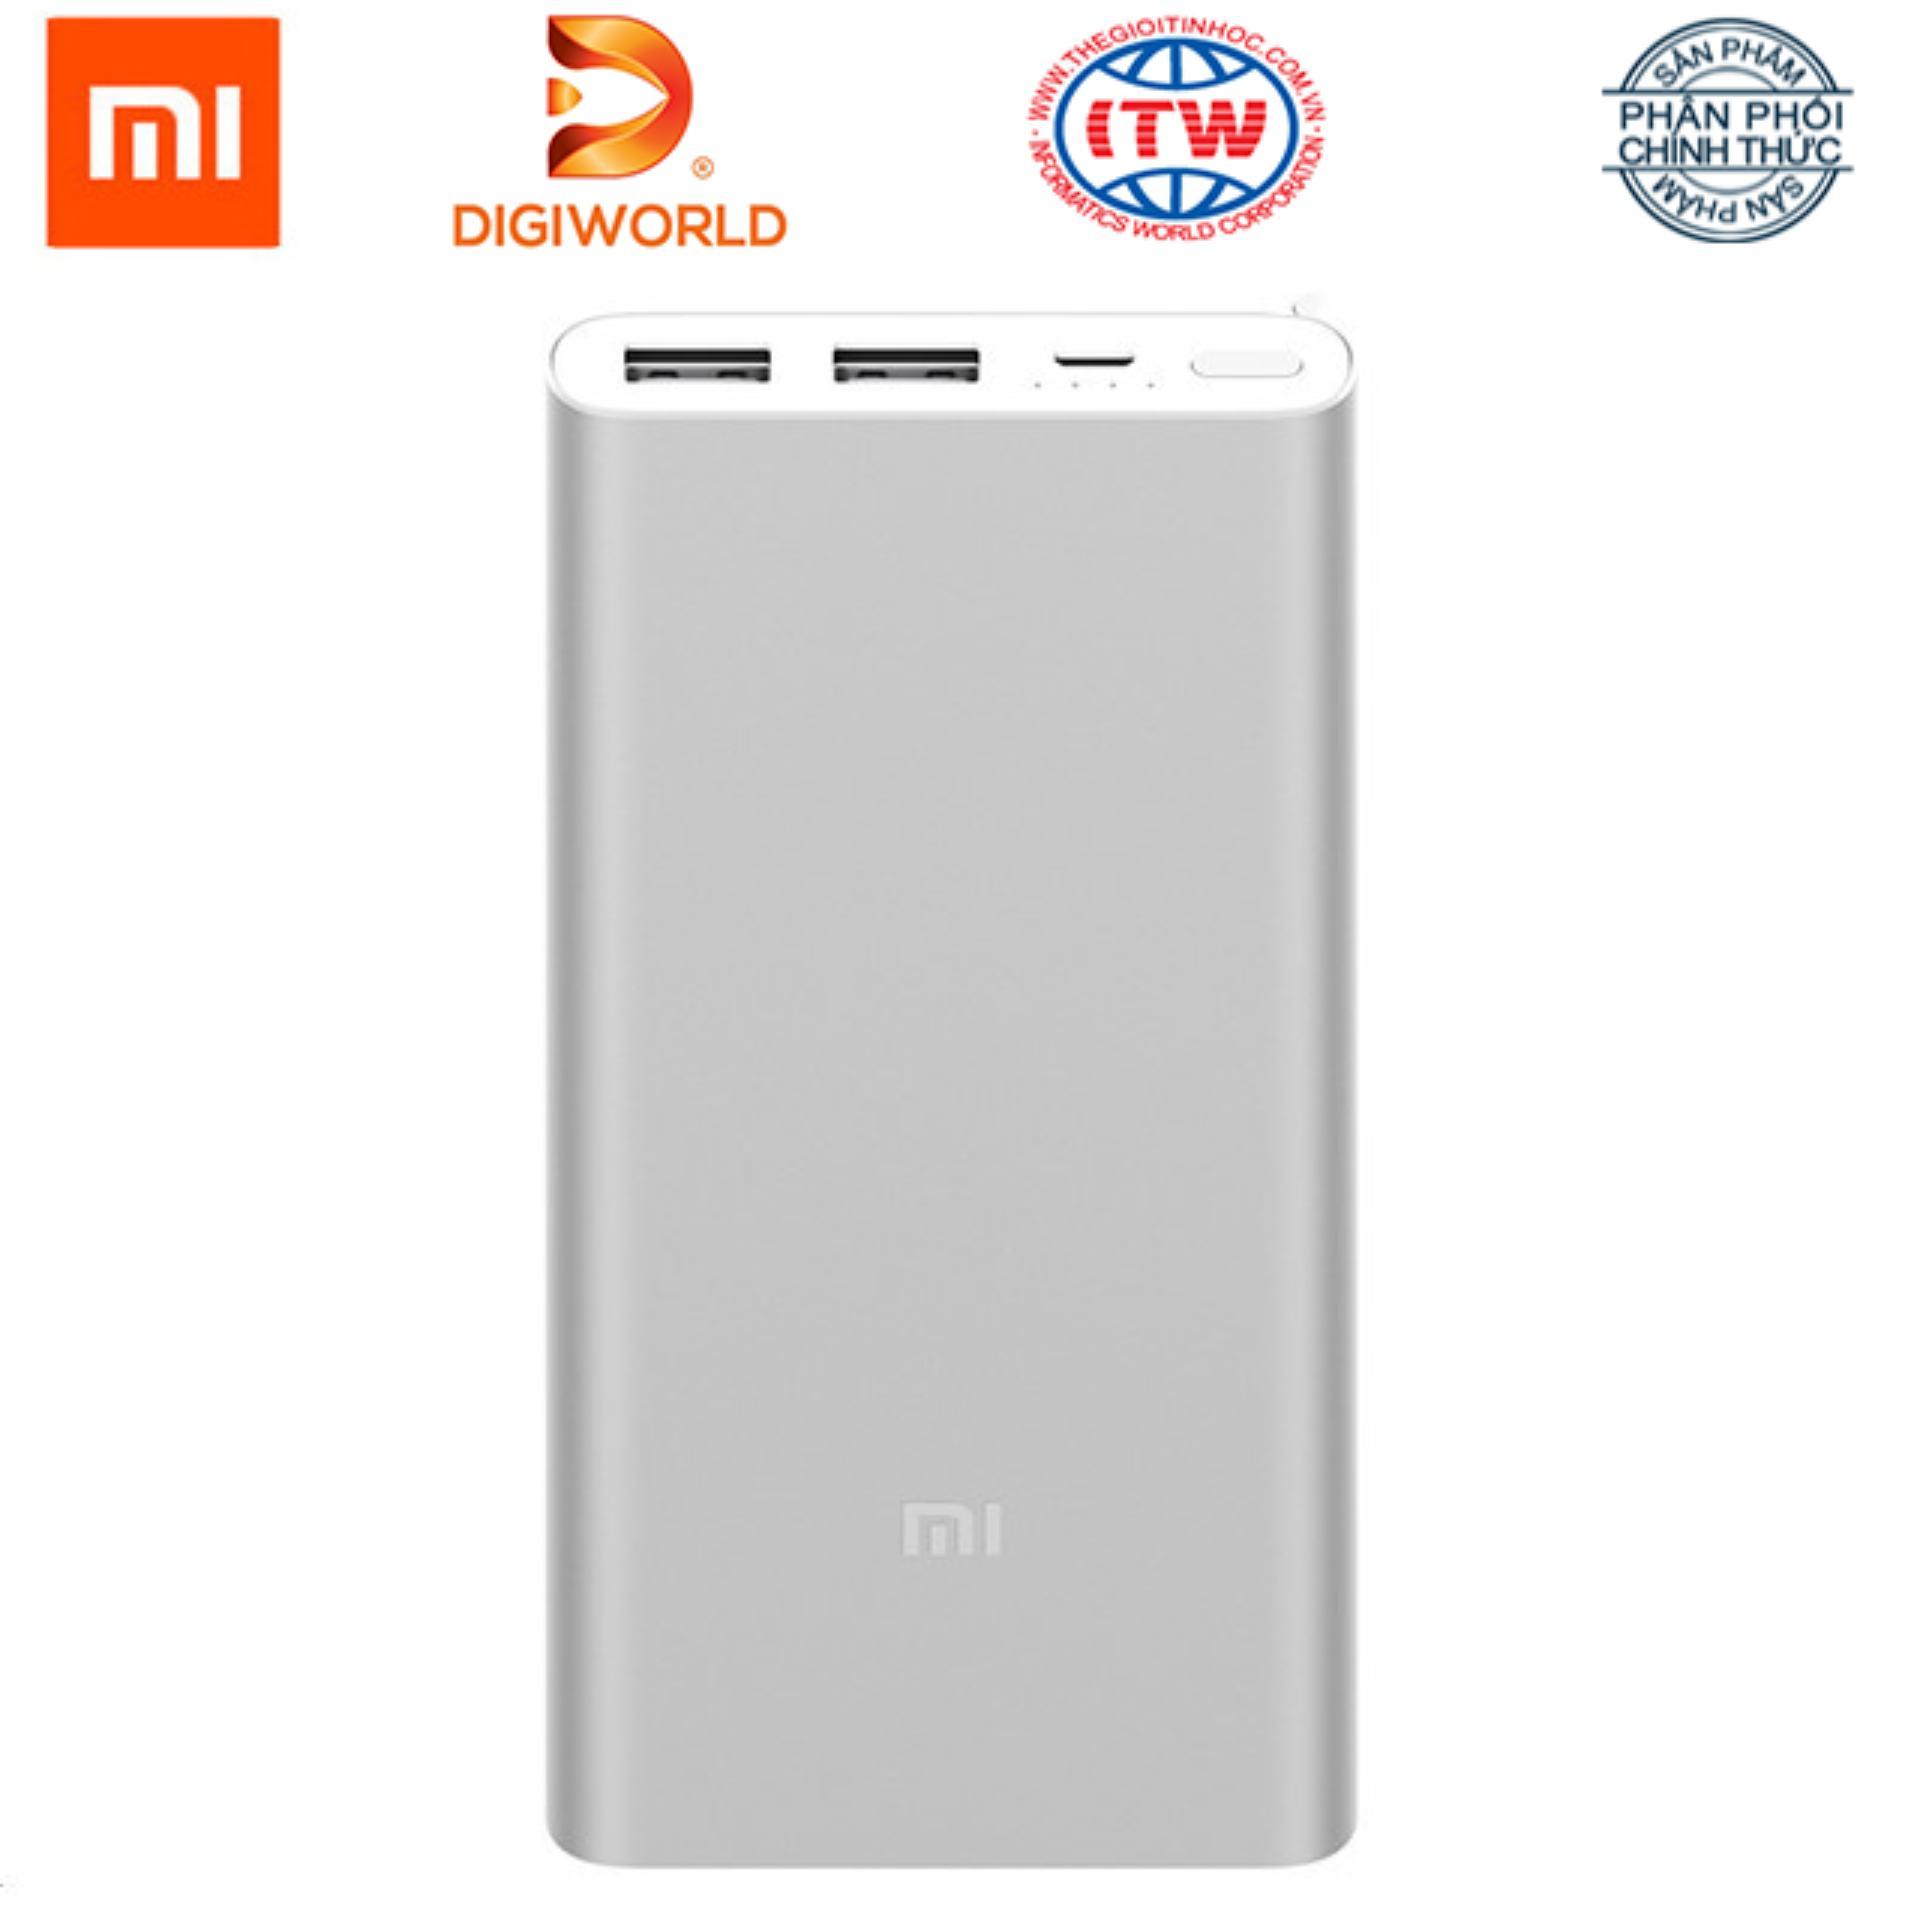 Hình ảnh Pin sạc dự phòng Xiaomi 10000mAh Gen 2s Quick Charge 3.0 - Hãng phân phối chính thức Digiworld